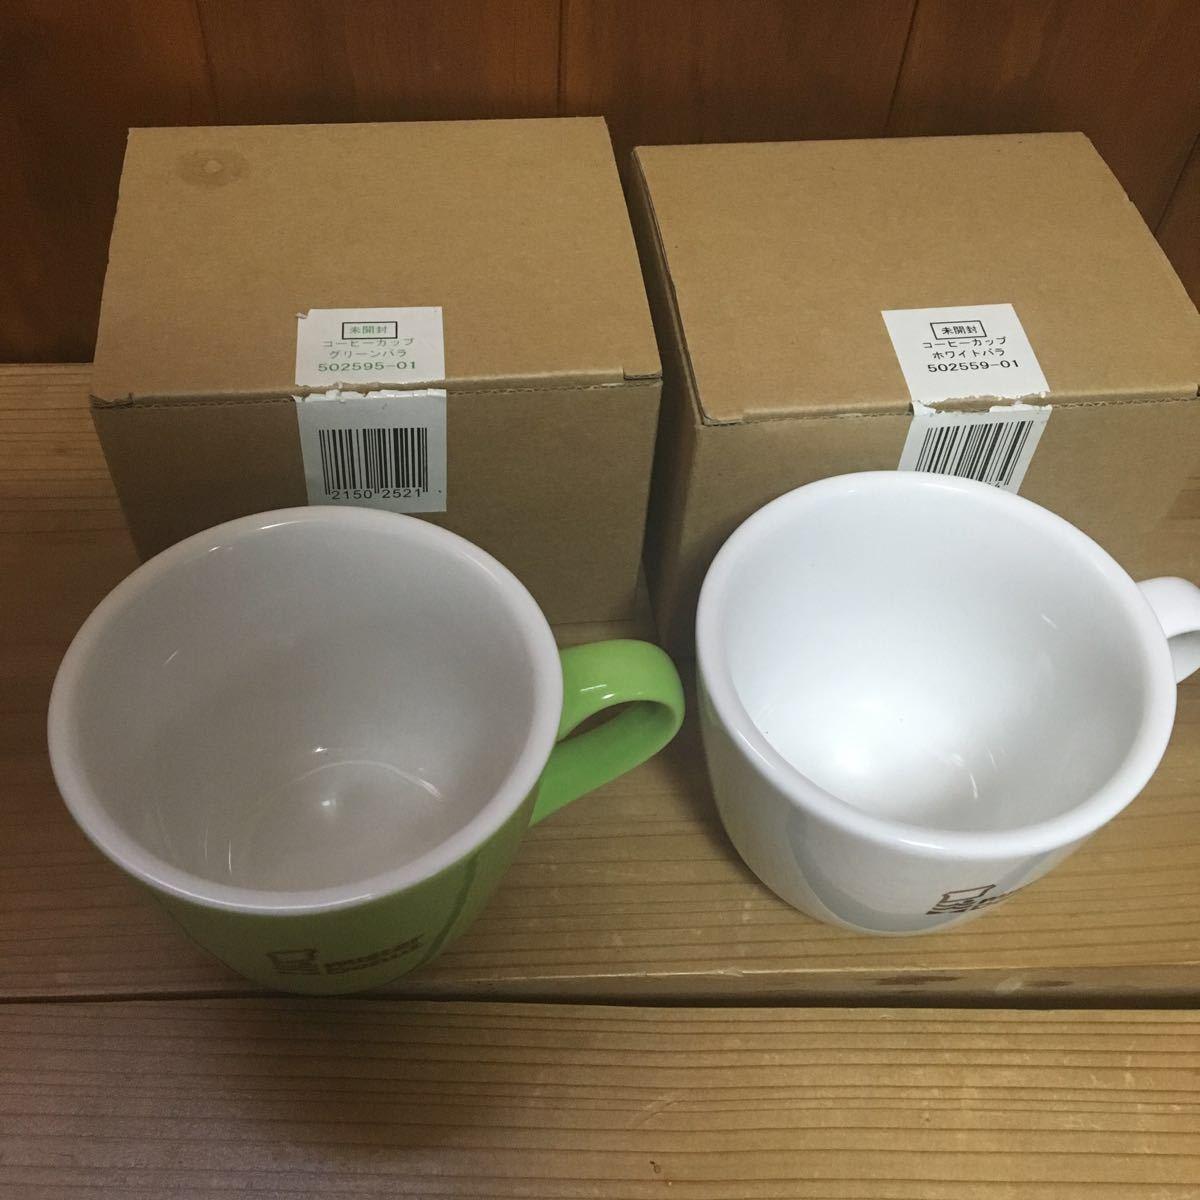 未使用 陶器製 ミスタードーナツ マグカップ 2個 セット 検索 ミスド ドーナッツ 非売品 グッズ 企業物 ノベルティ マグ コップ_画像2